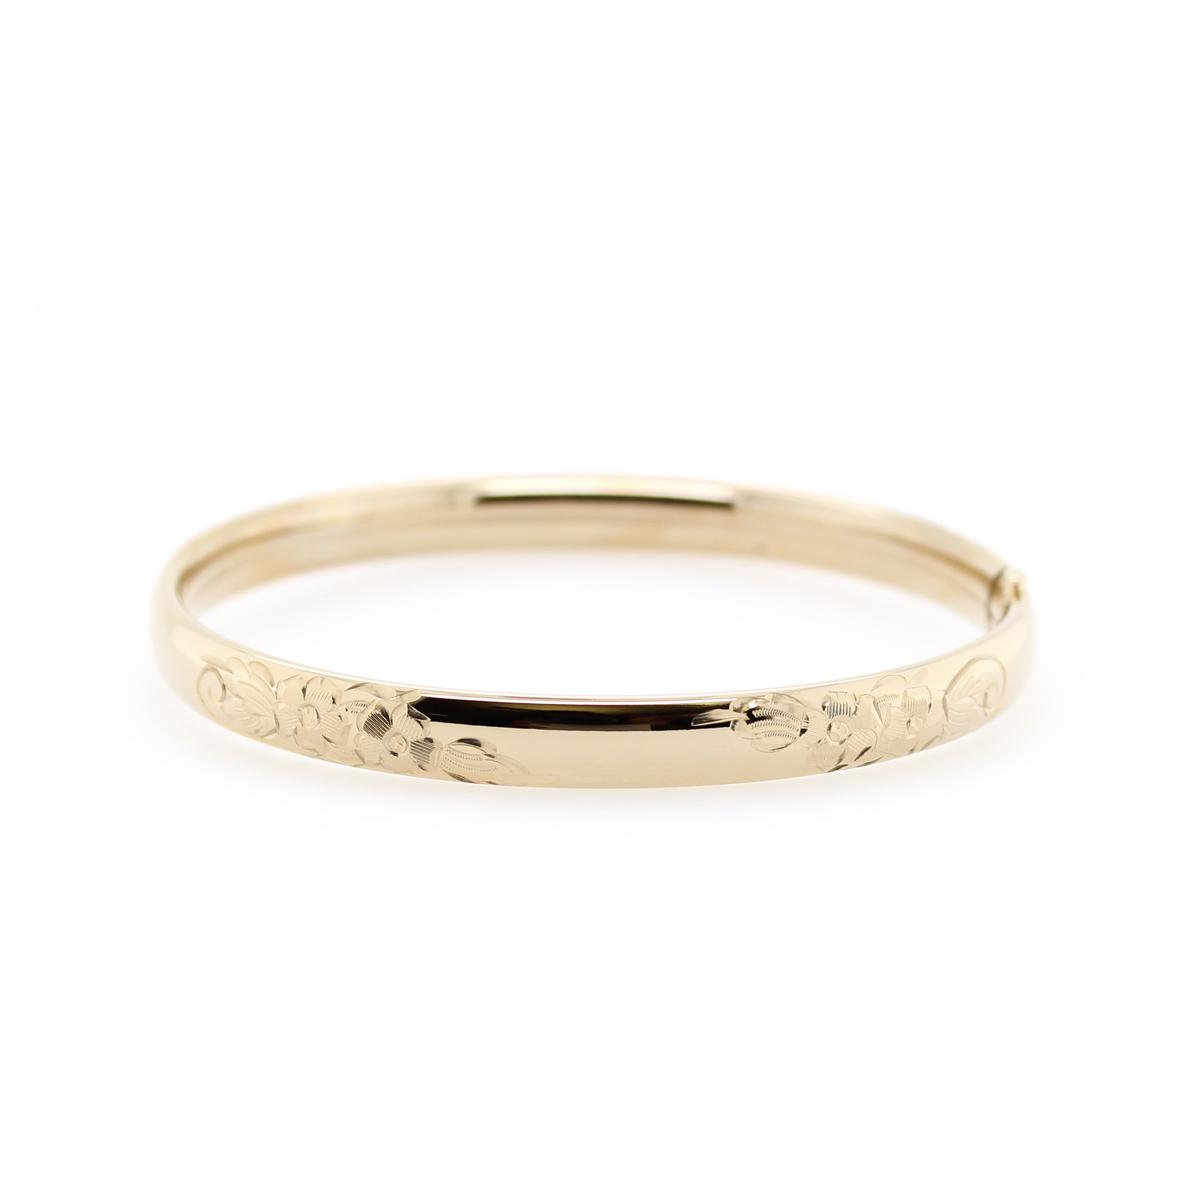 14 Karat Yellow Gold Filled 6mm Floral Bangle Bracelet